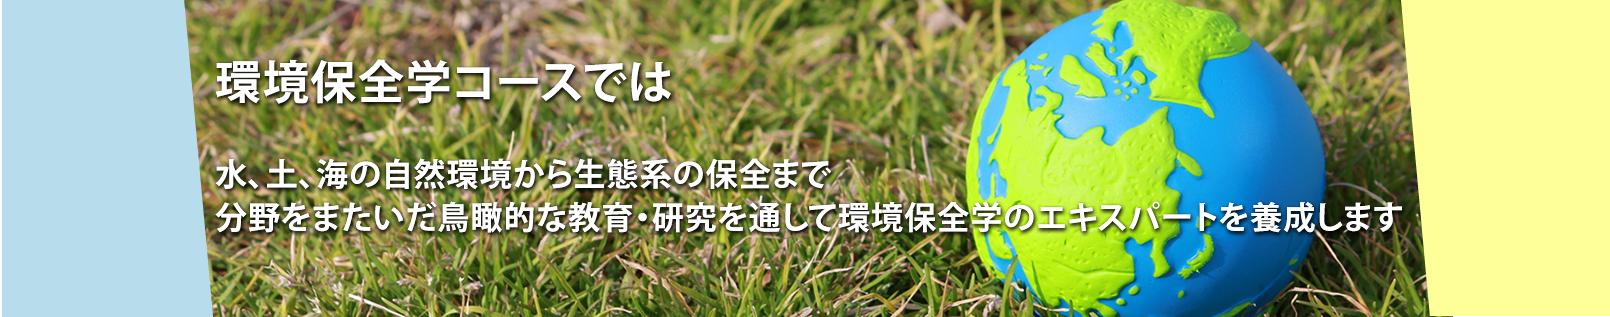 愛媛大学農学部生物環境自然学科 環境保全学コース